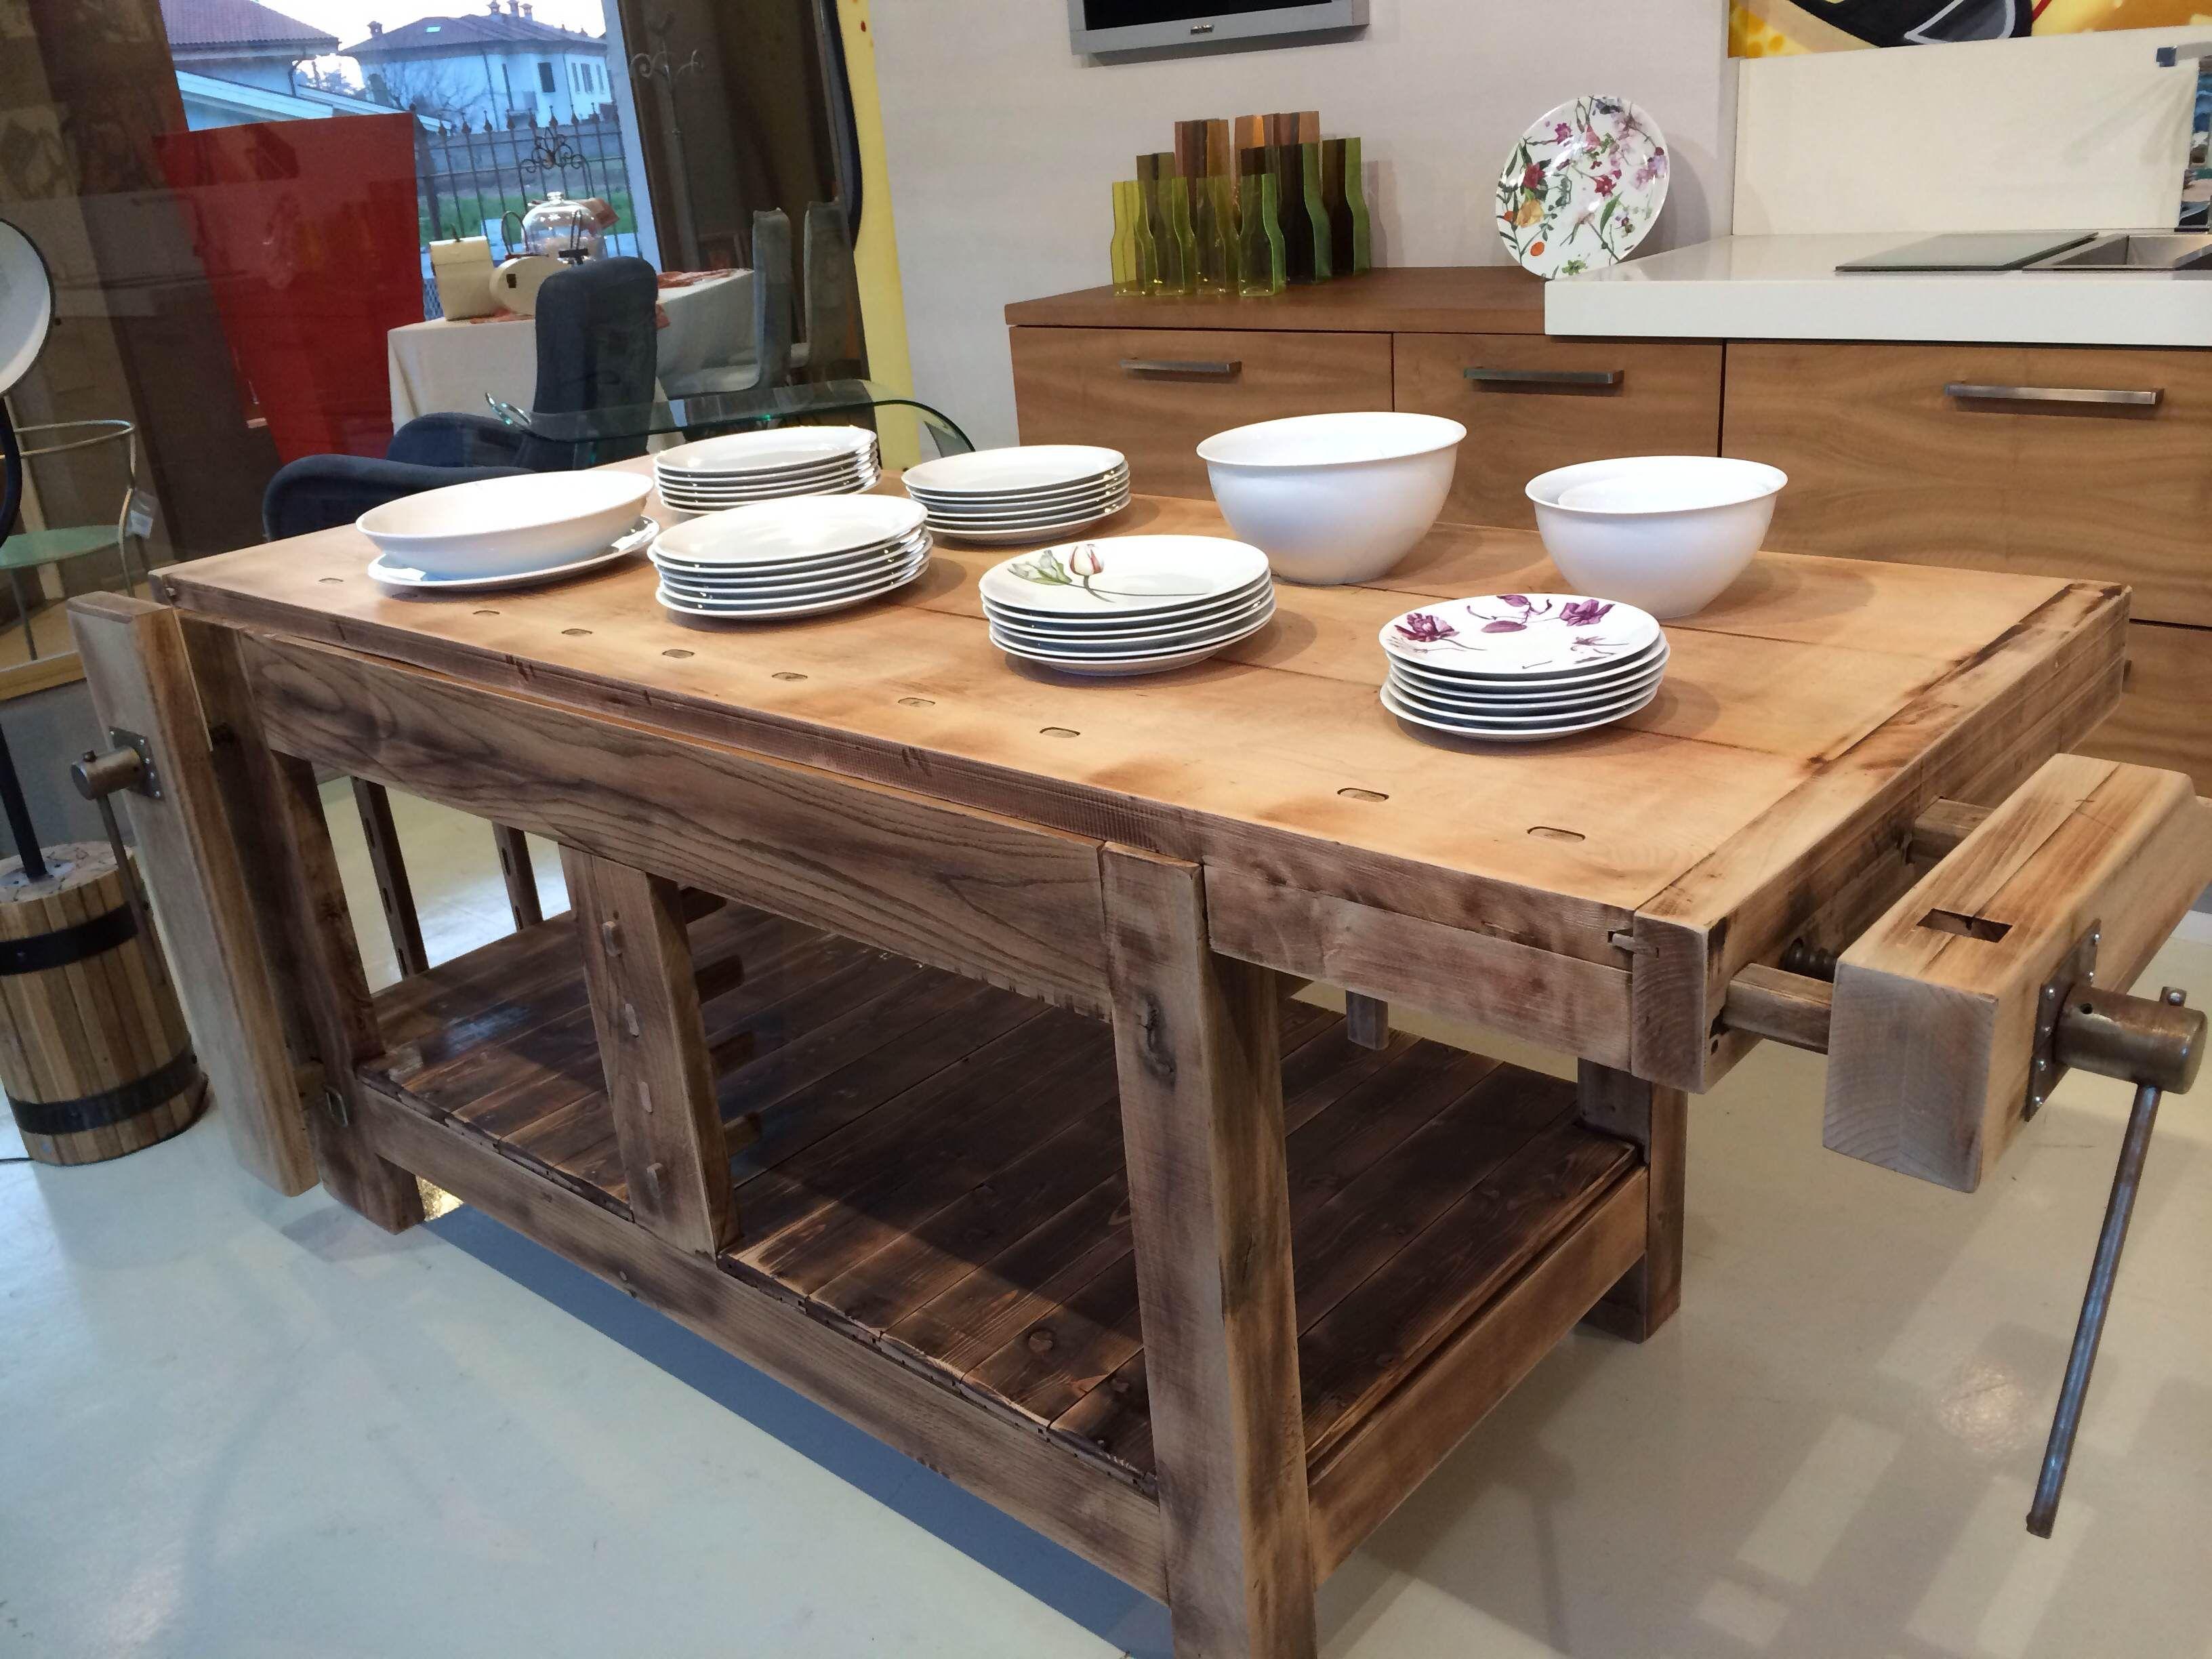 cucina tavolo falegname 1